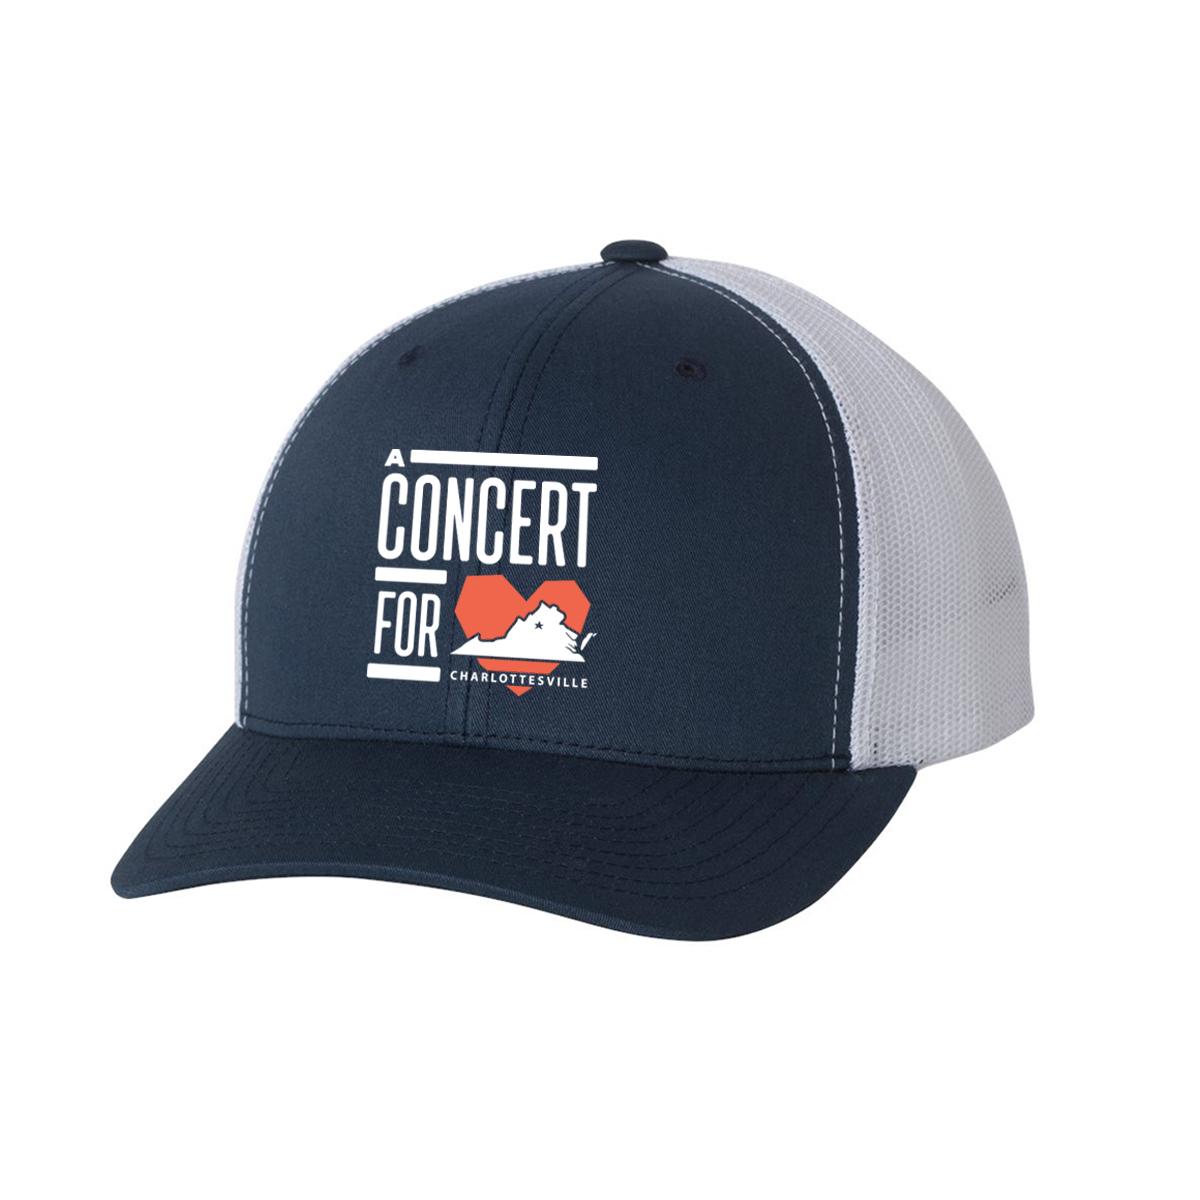 Concert for Charlottesville Trucker Cap